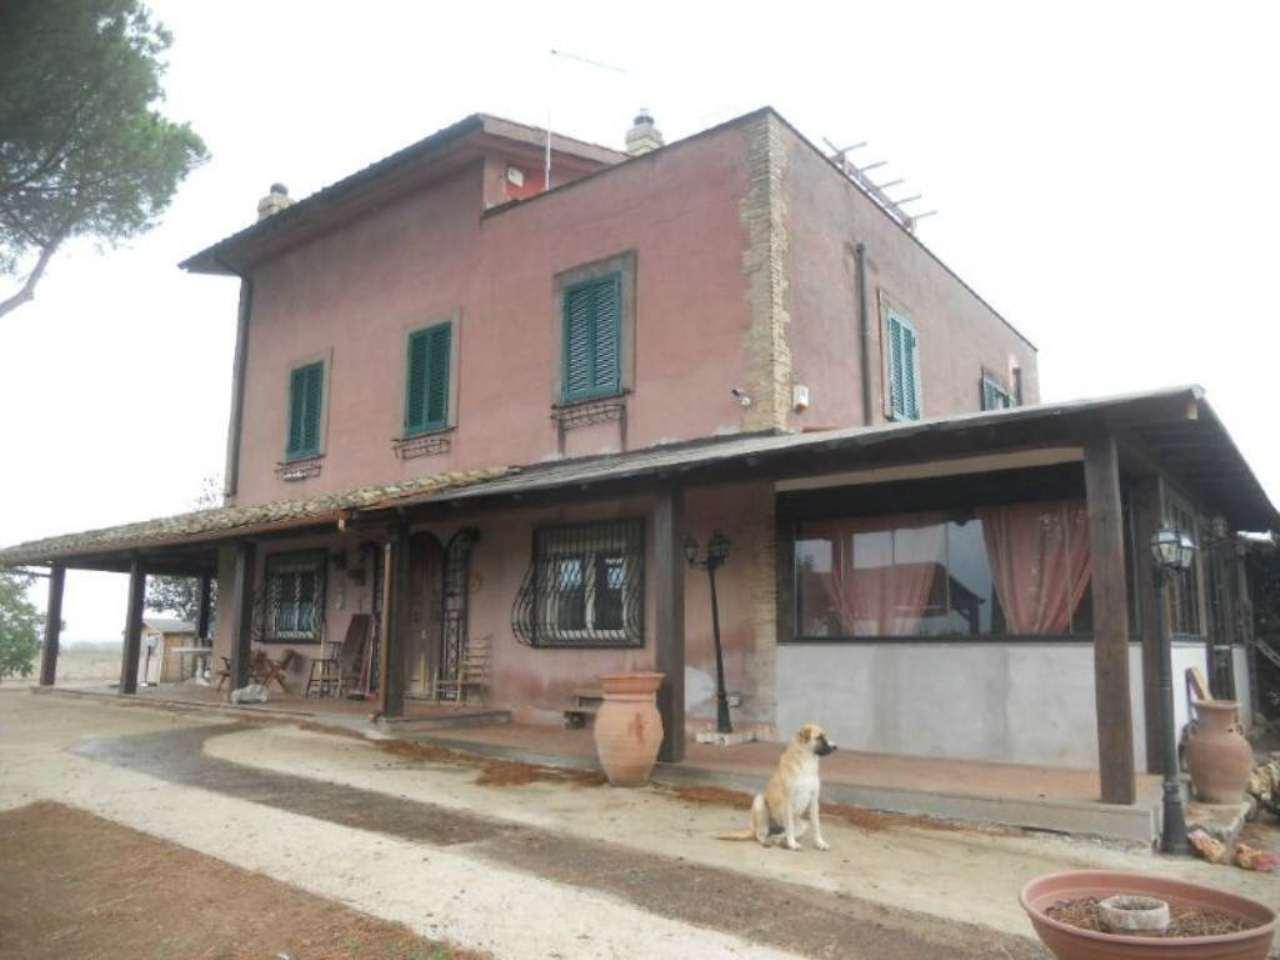 Rustico / Casale in vendita a Roma, 5 locali, zona Zona: 37 . Morena - Ciampino - Trigoria - Falcognana, prezzo € 695.000 | Cambio Casa.it